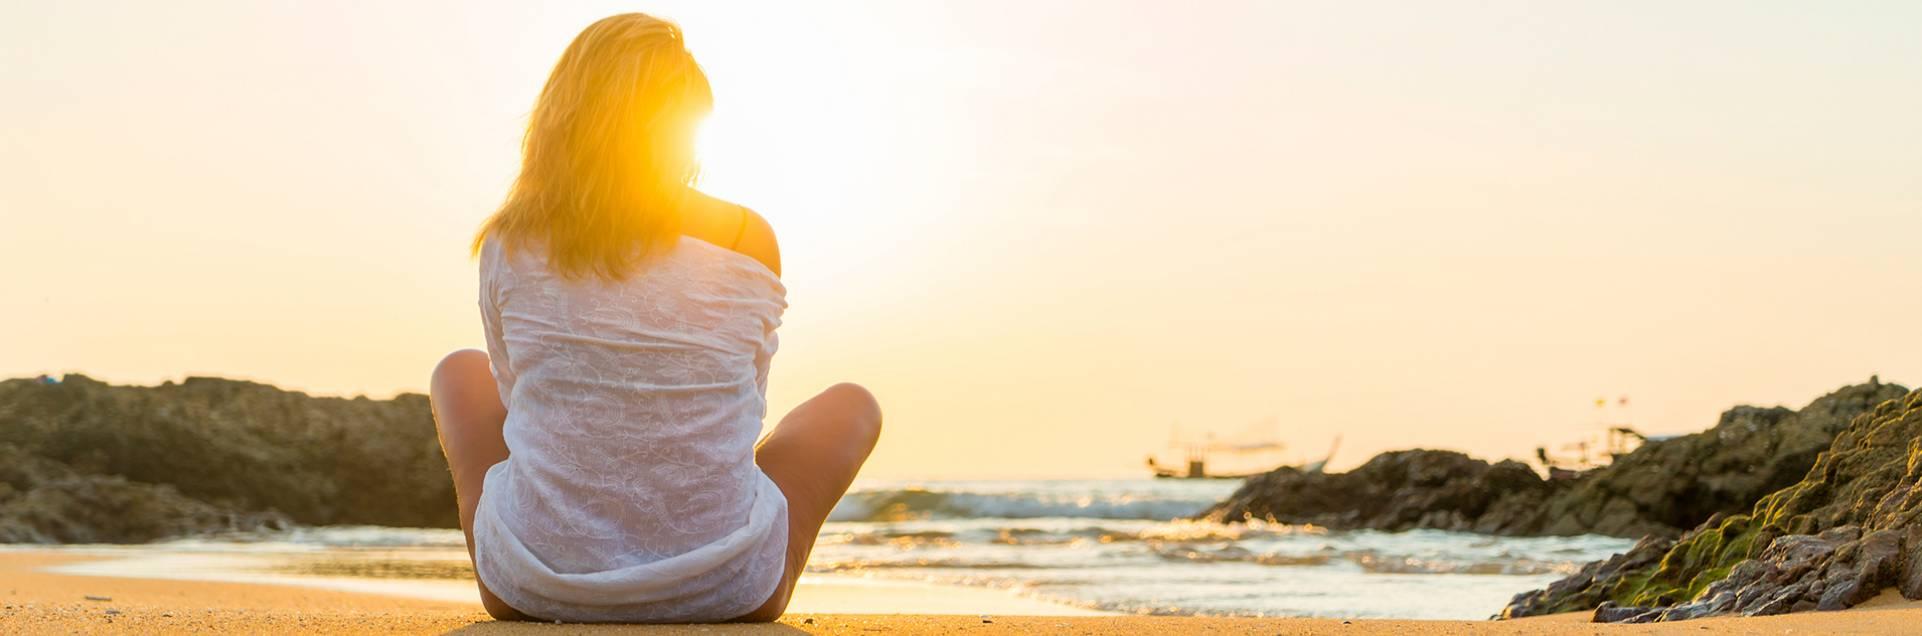 Consejos para prevenir y reducir el dolor articular